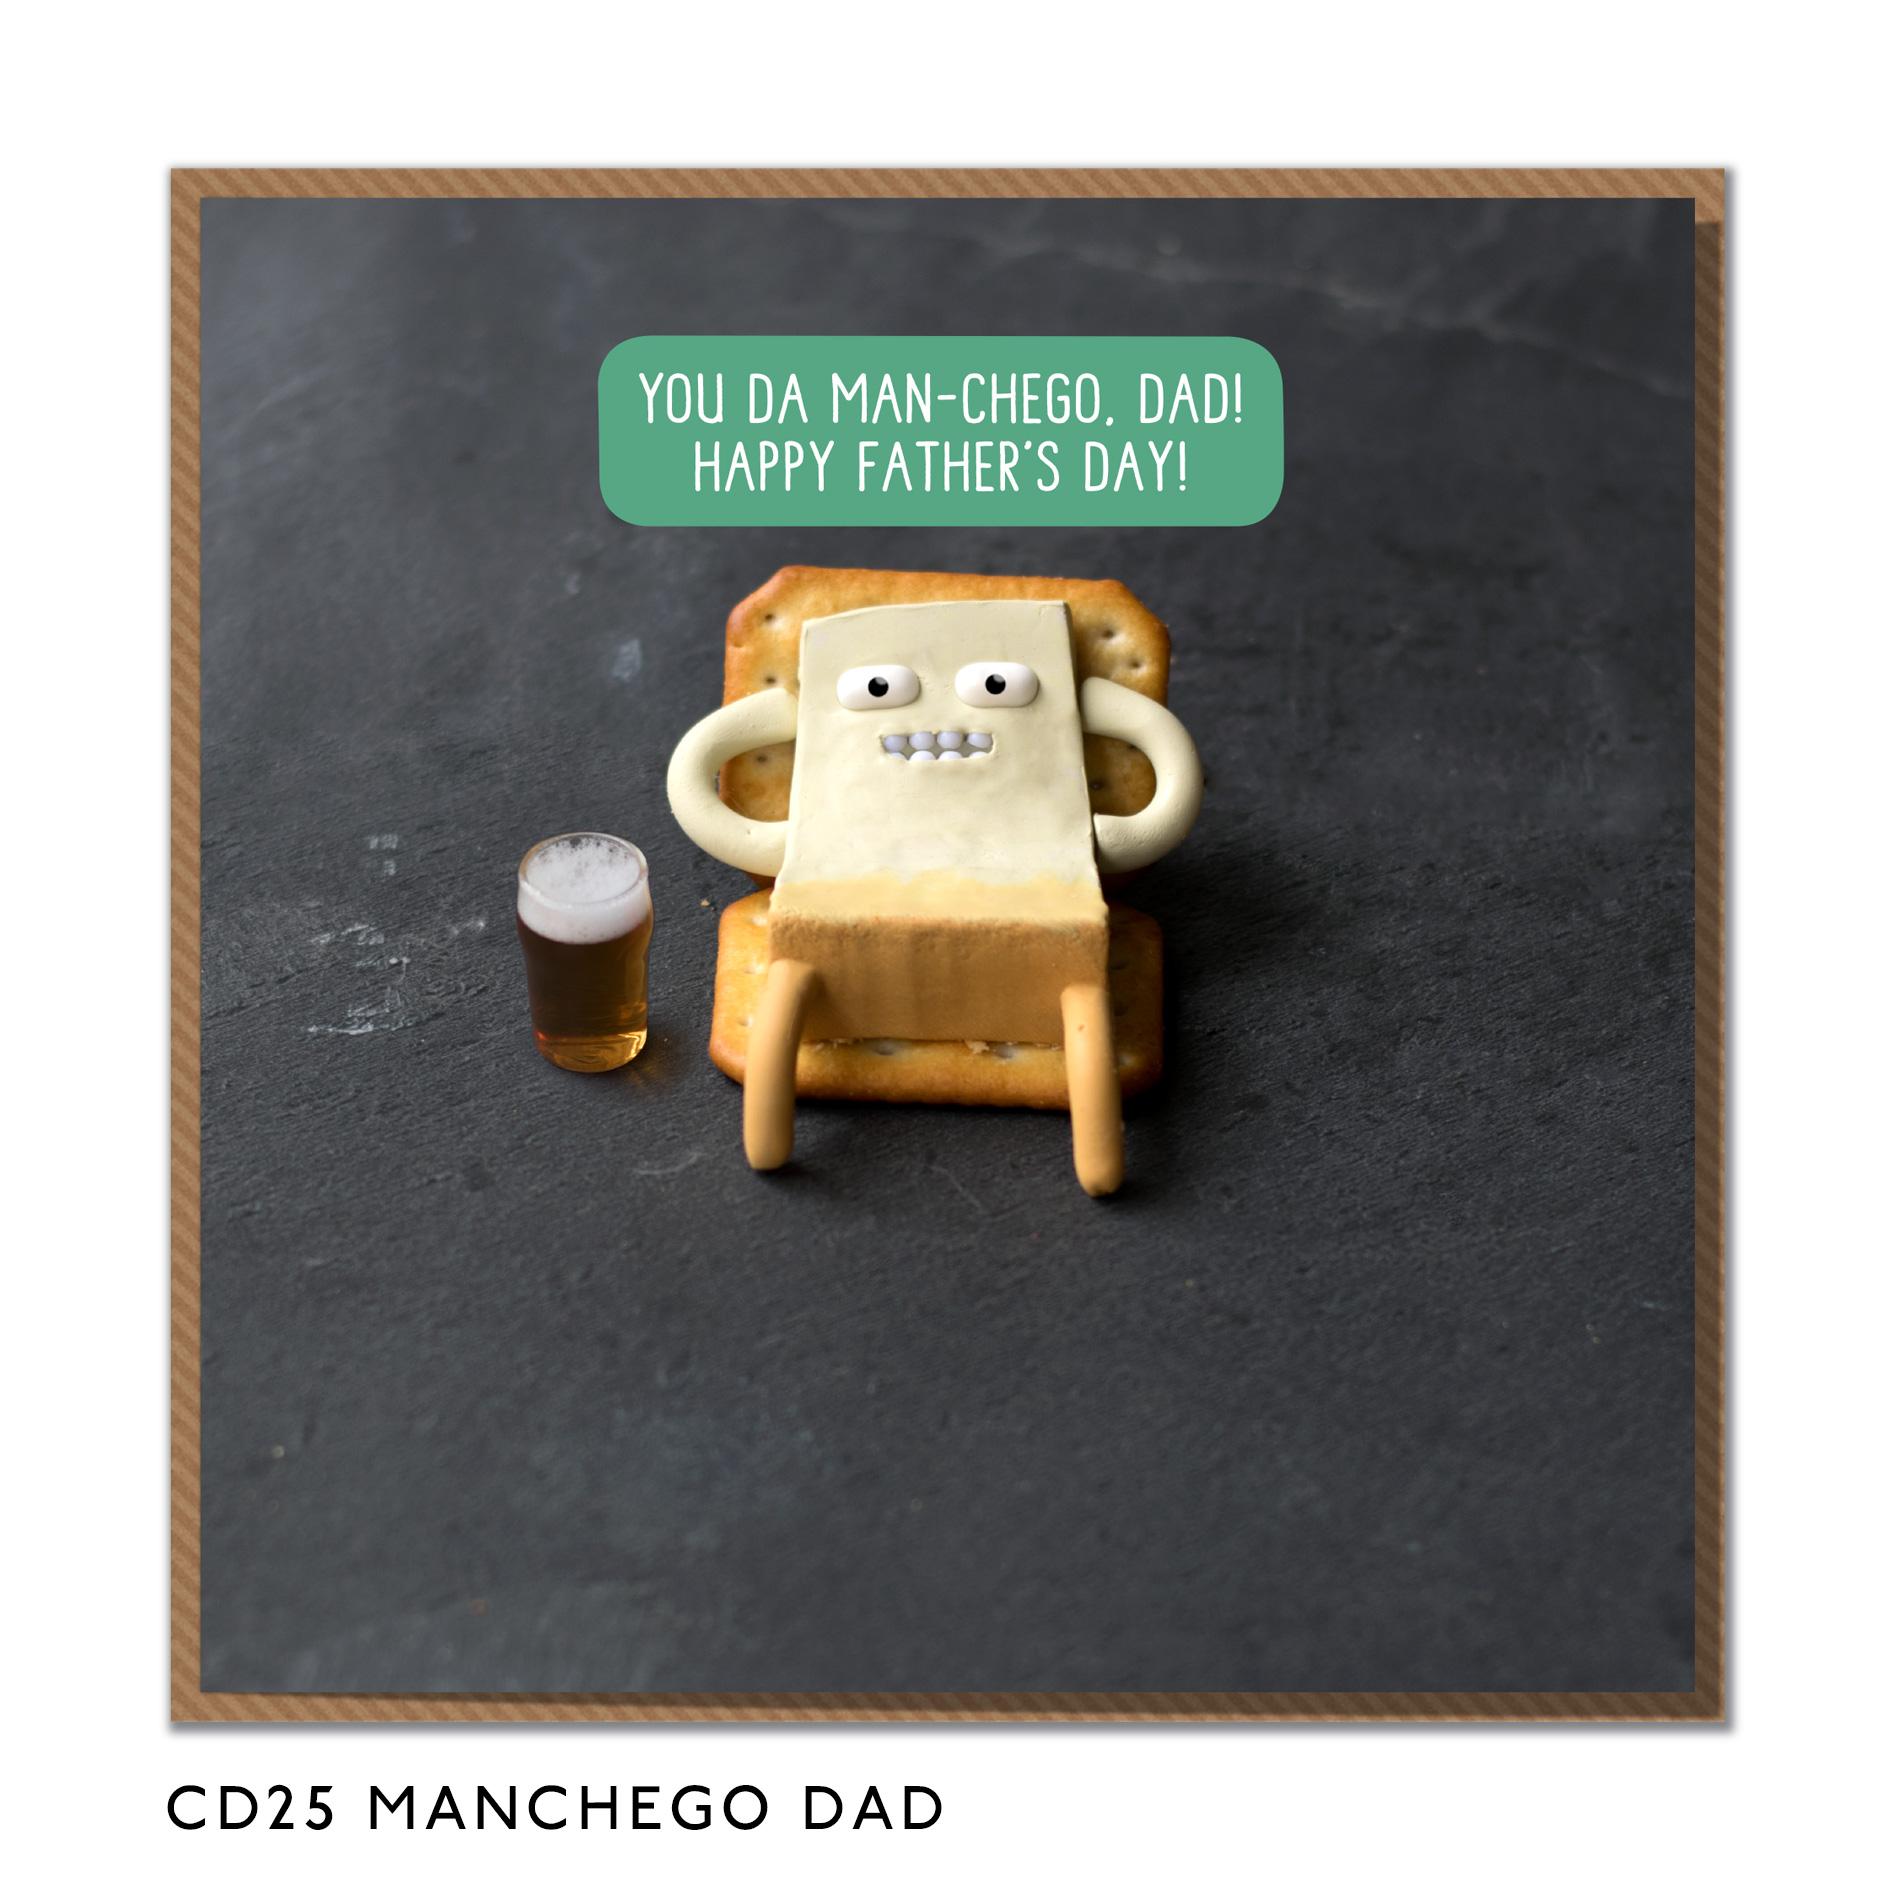 CD25-MANCHEGO-DAD2.jpg